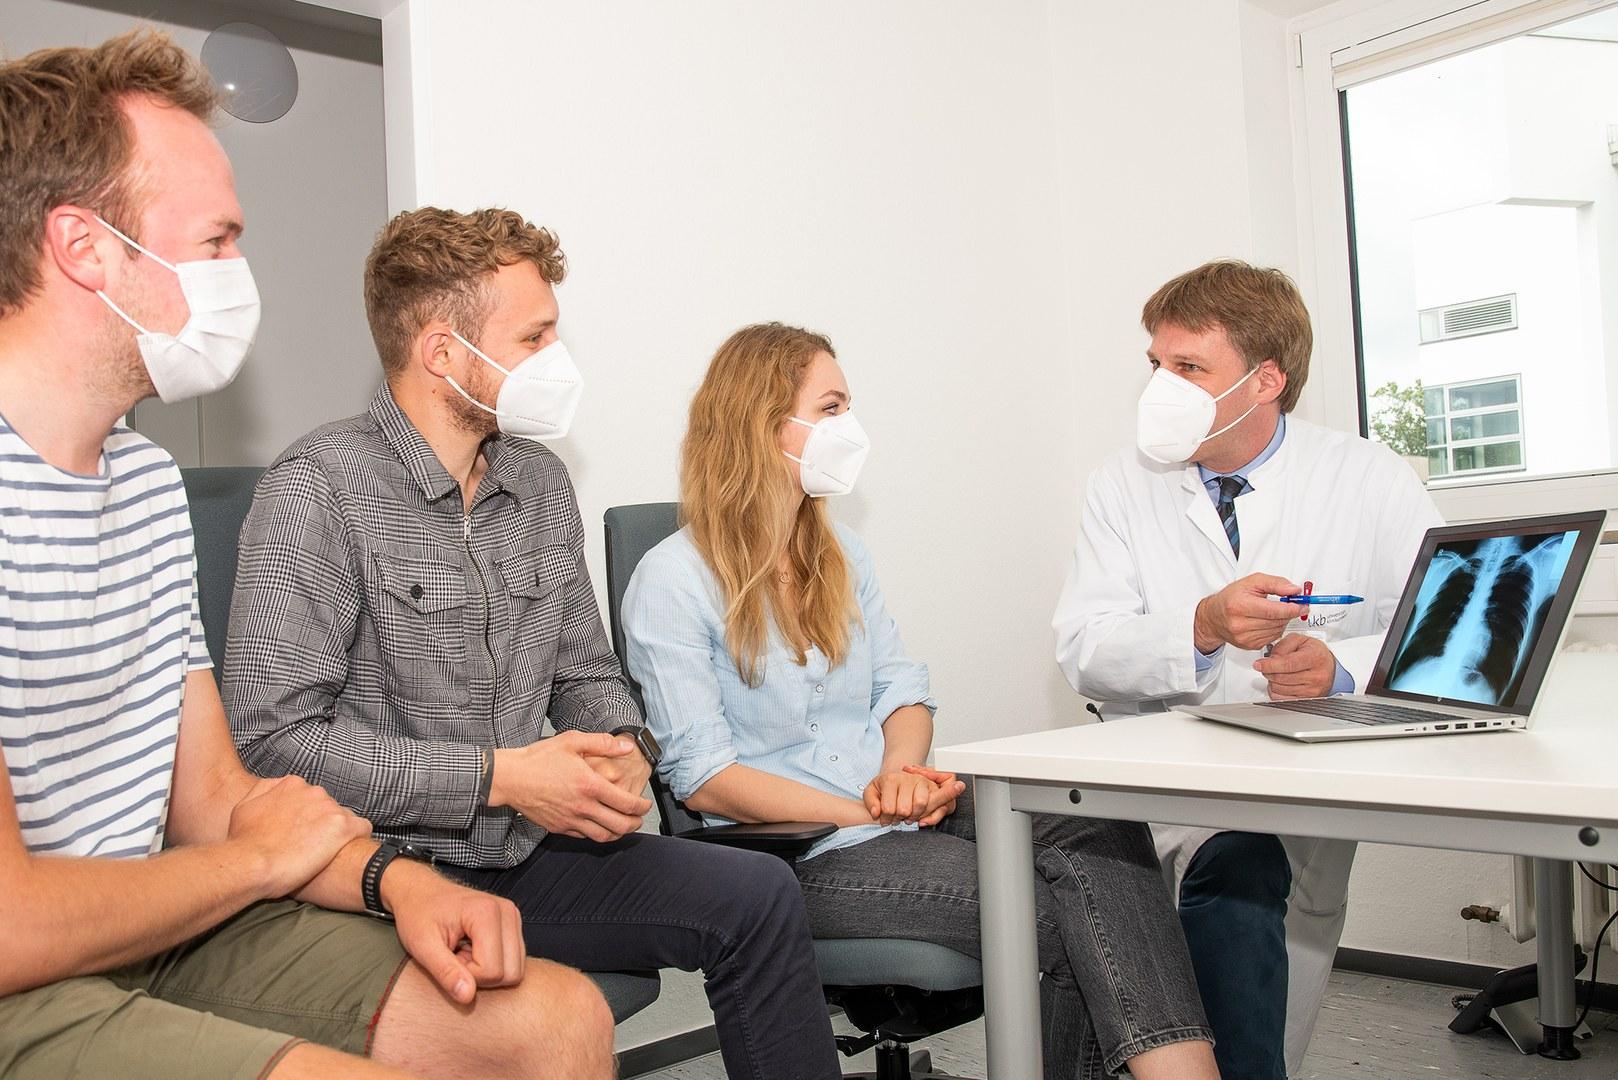 Lehr-Projekt KI-LAURA zum Umgang mit KI in Augenheilkunde und Radiologie wird im Rahmen des bundesweiten KI-Campus gefördert: